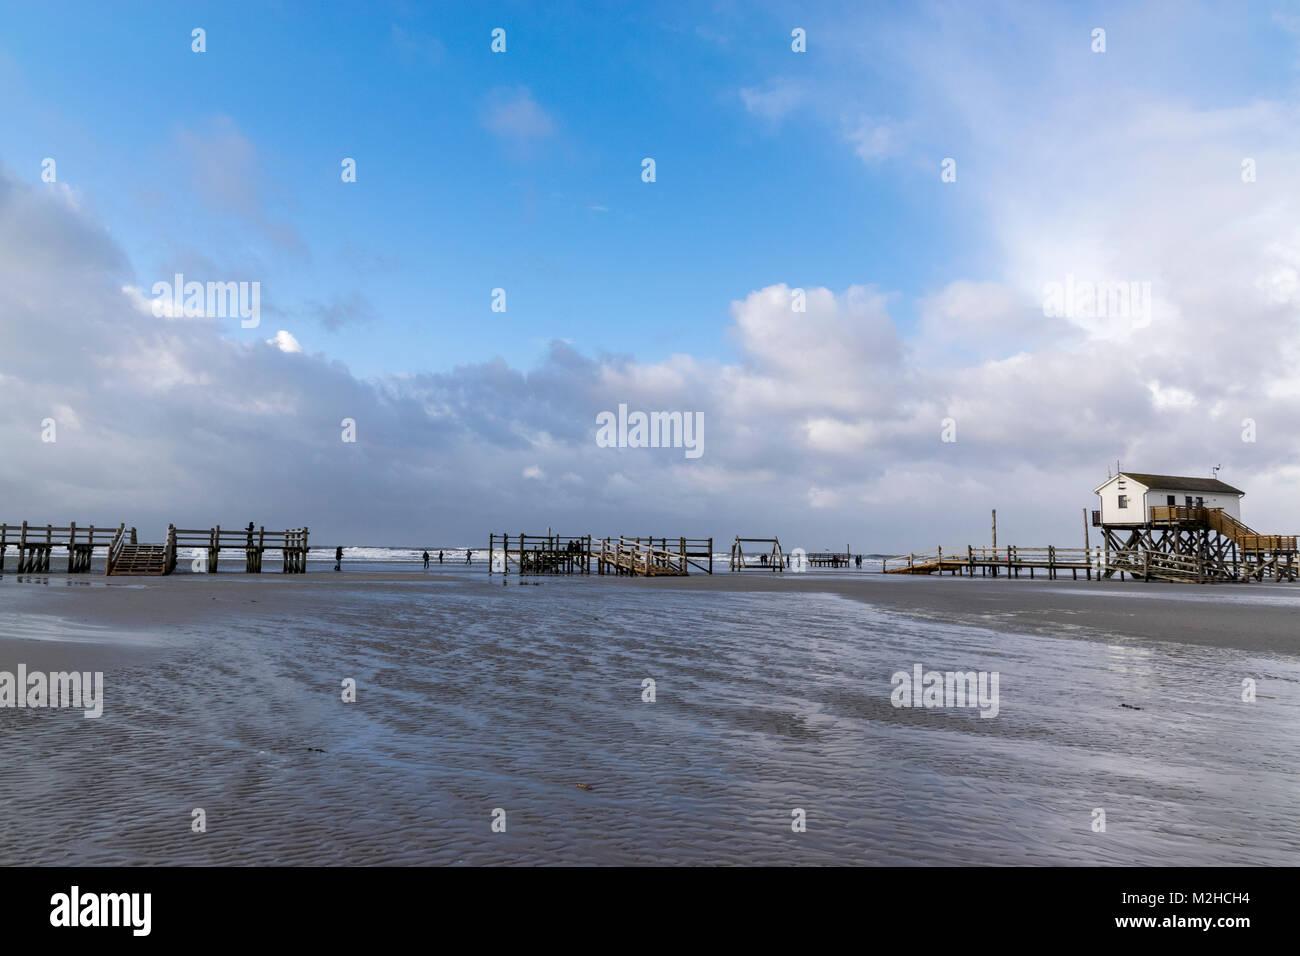 Sankt Peter-Ording, Ordinger Strand bei Hochwasser mit Überfltungen. Die Pfahlbauten stehen zum Teil im Wasser - Stock Image